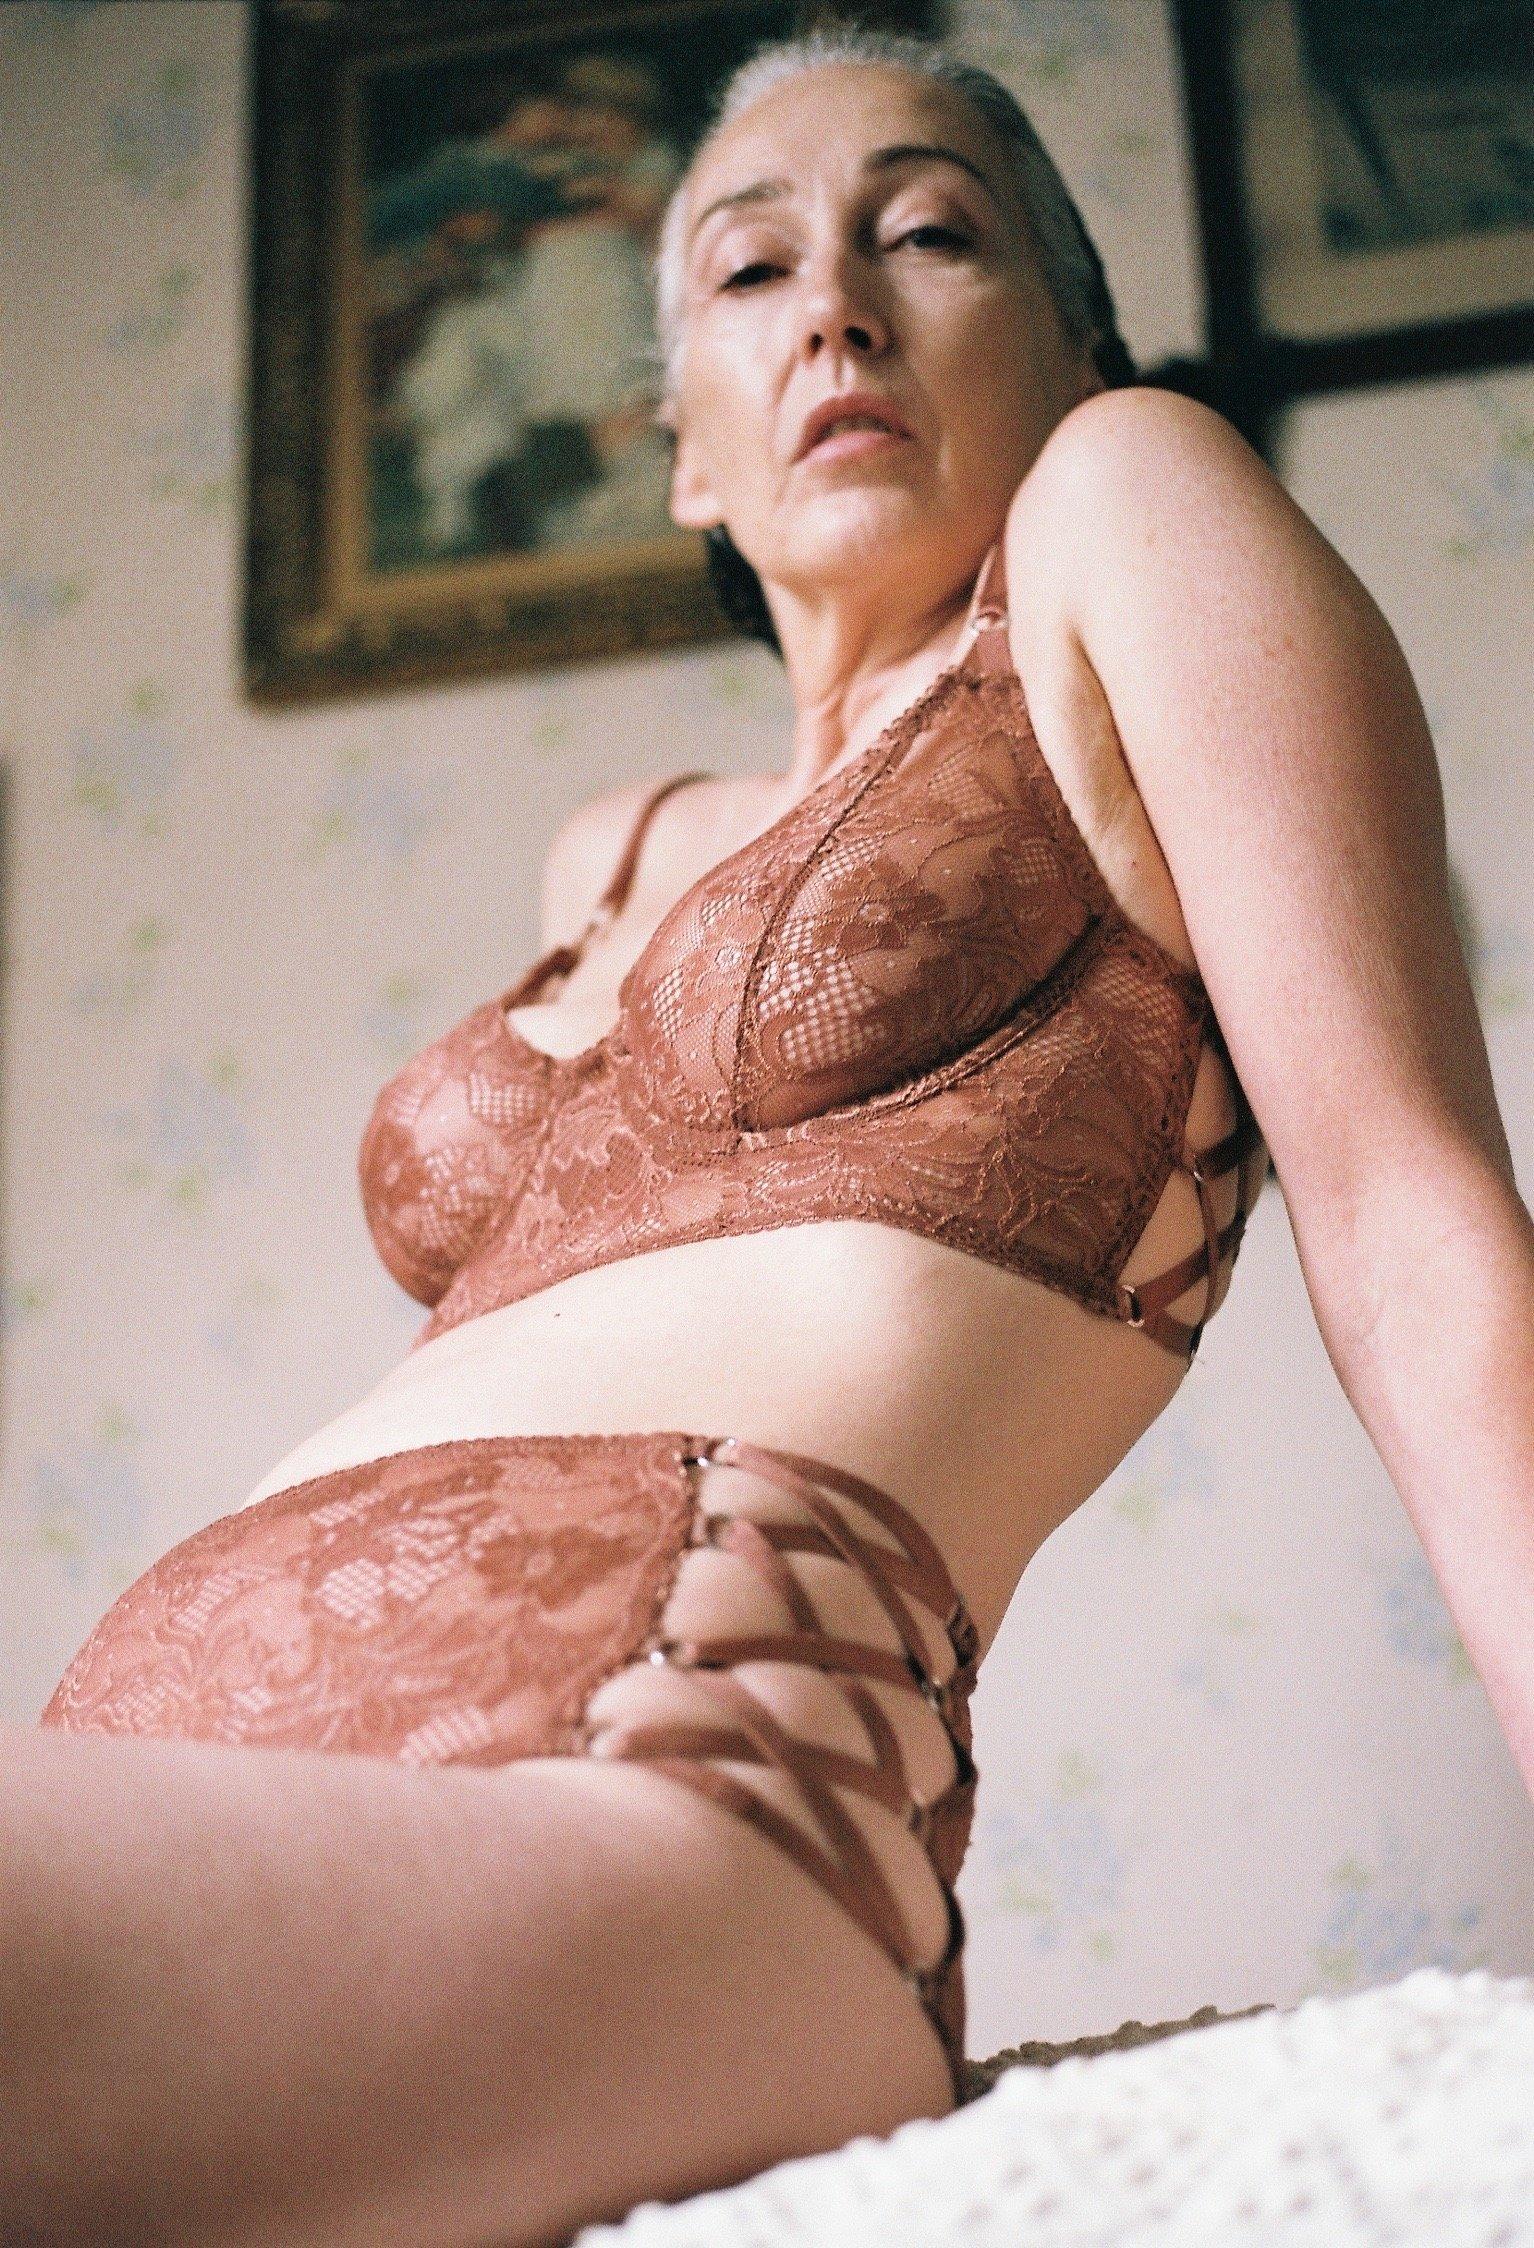 Hot naked russian sexy slut